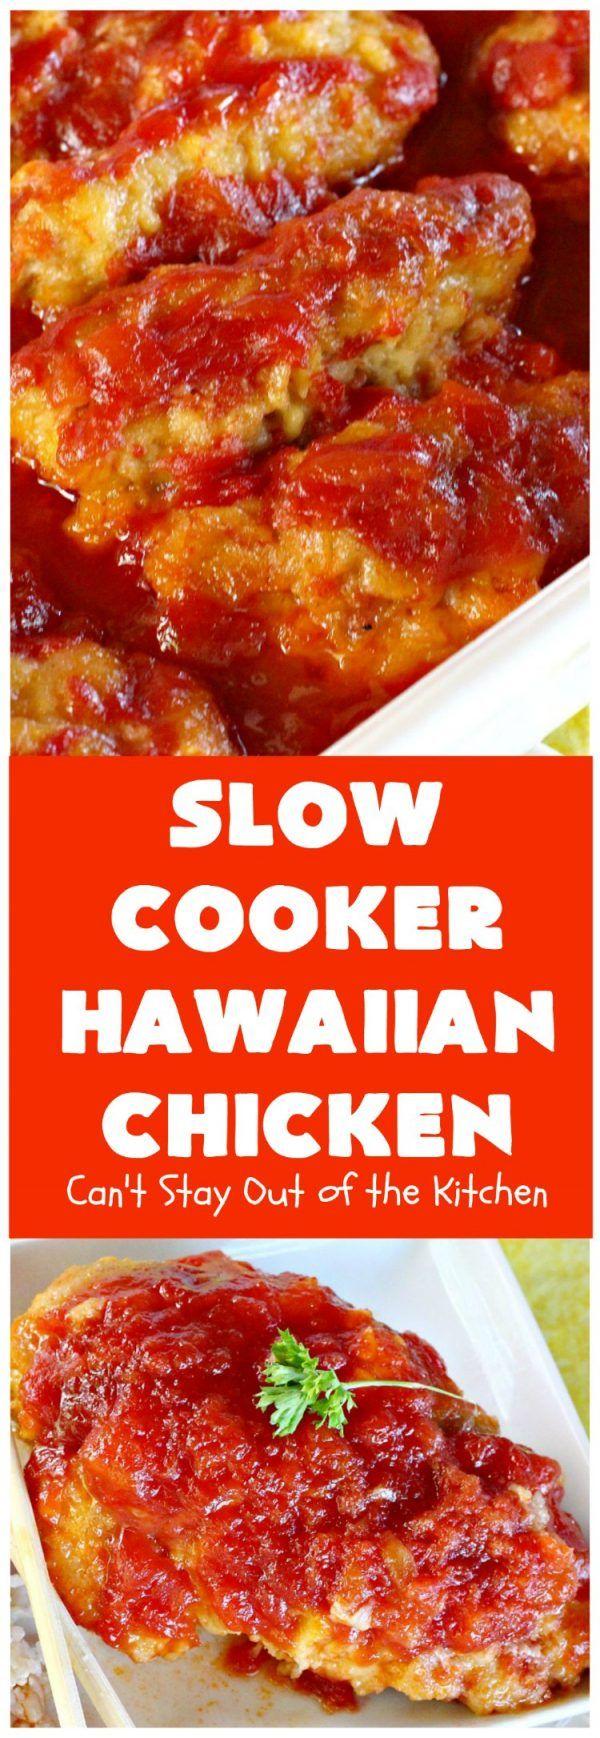 Slow Cooker Hawaiian Chicken images